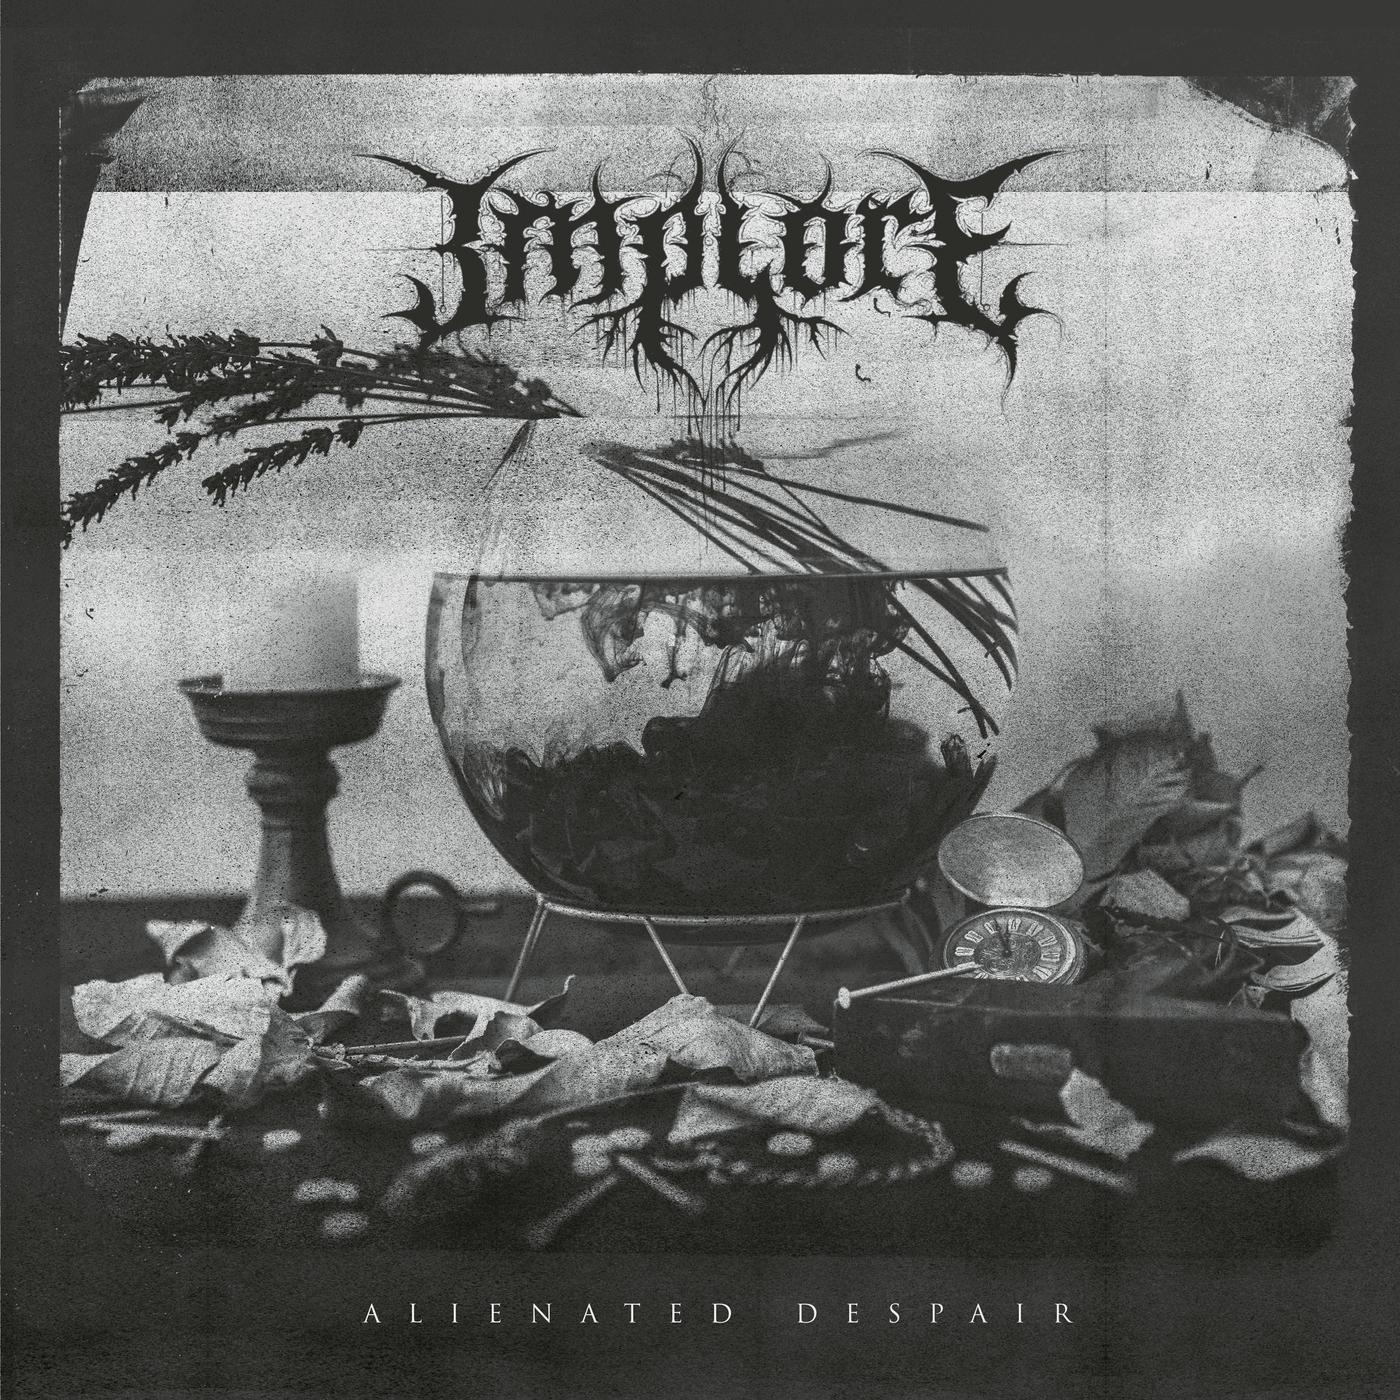 Alienated Despair - Implore